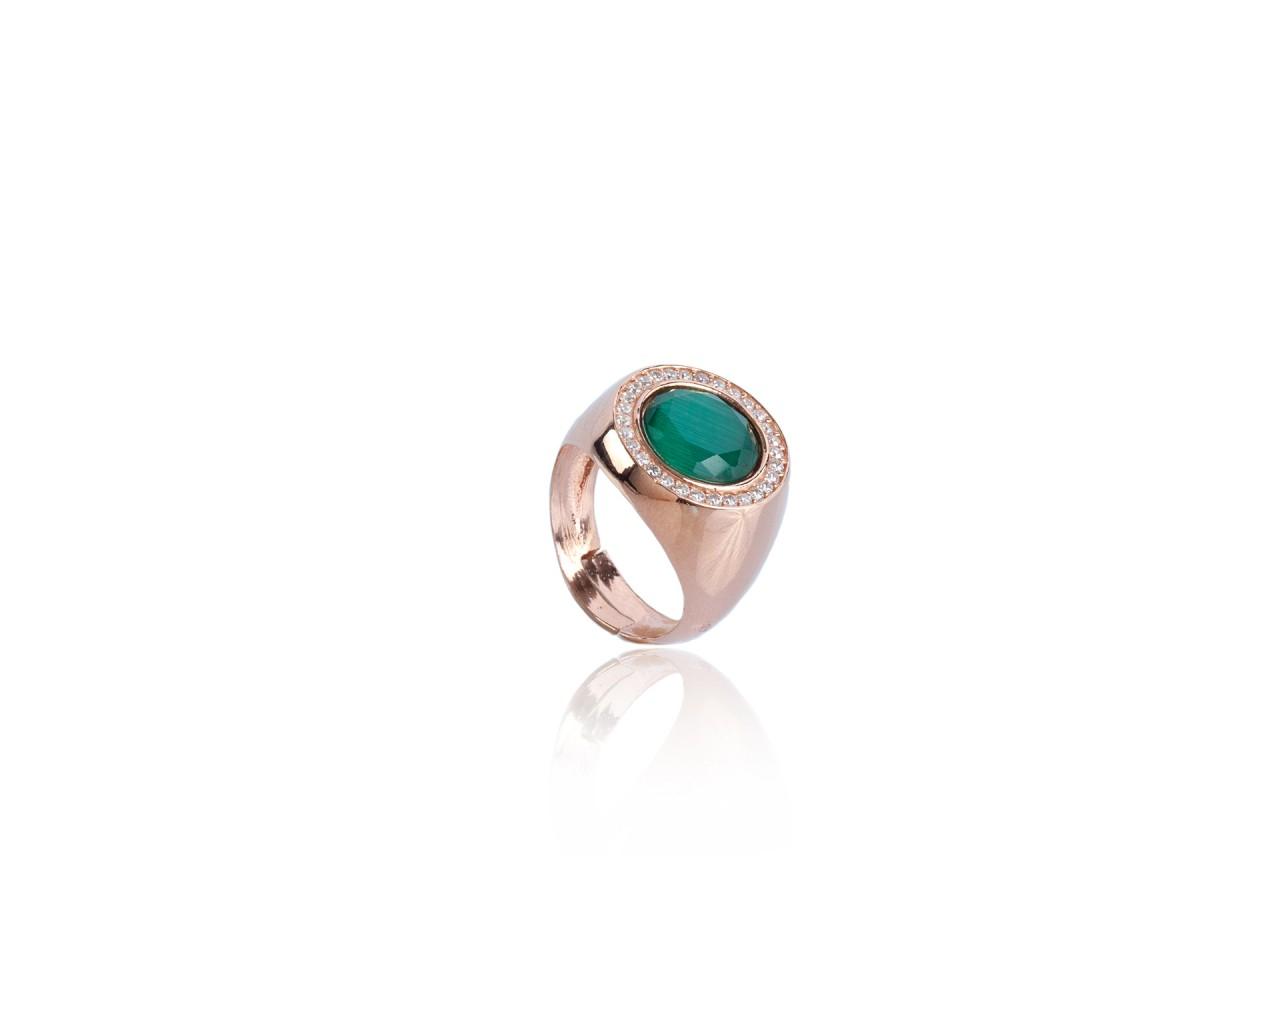 Anello in argento con pietra di colore verde scuro